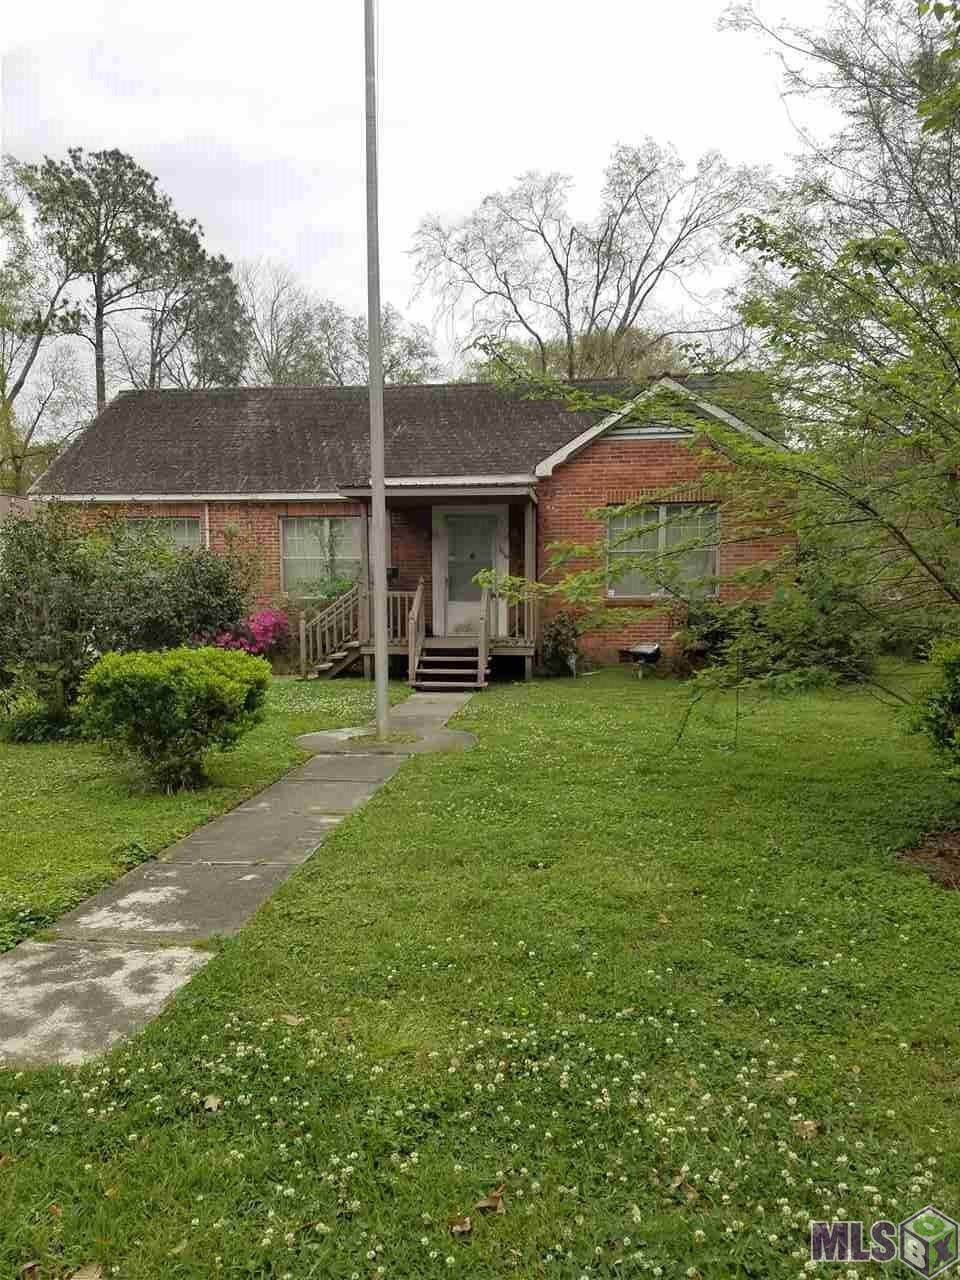 1516 STUART AVE, Baton Rouge, LA 70808 - MLS#: 2021004327